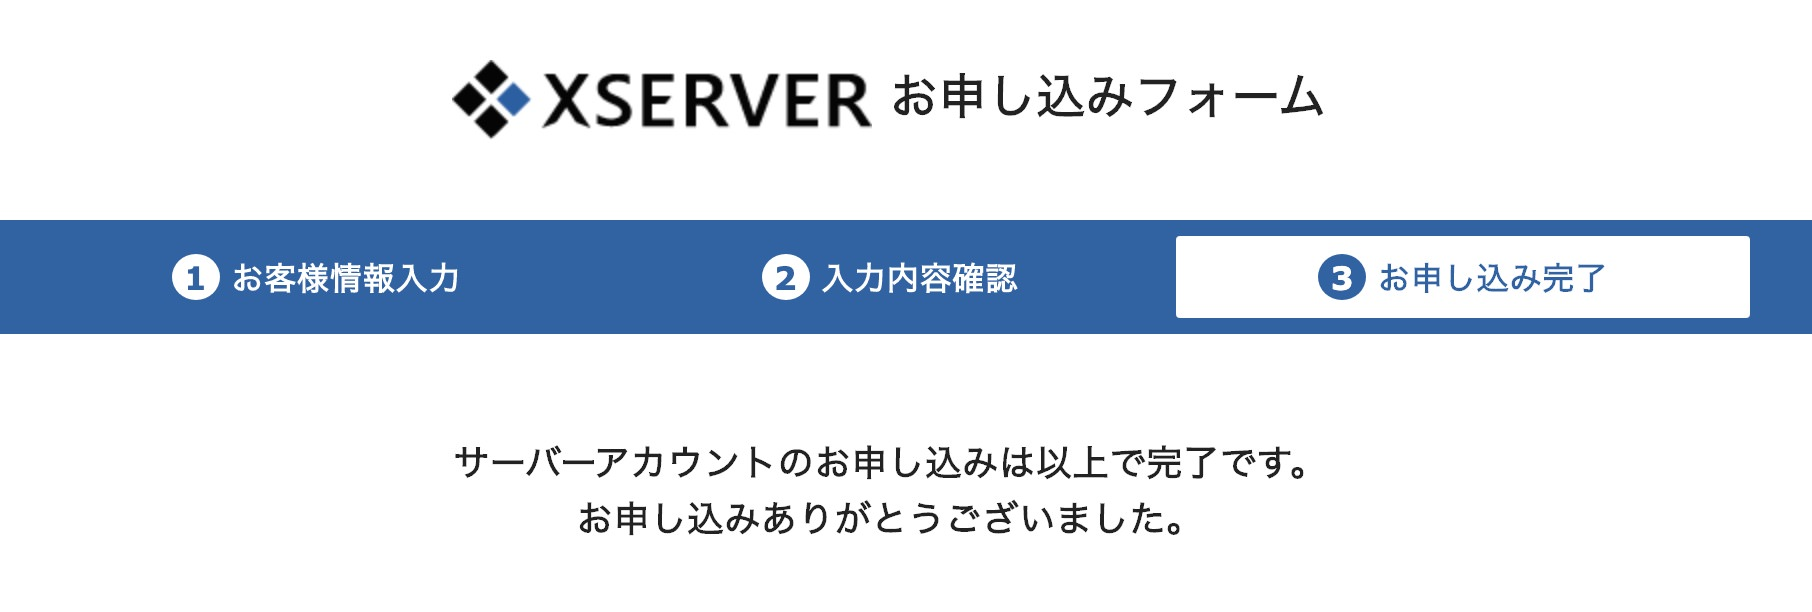 スクリーンショット 2020-05-06 1.09.50